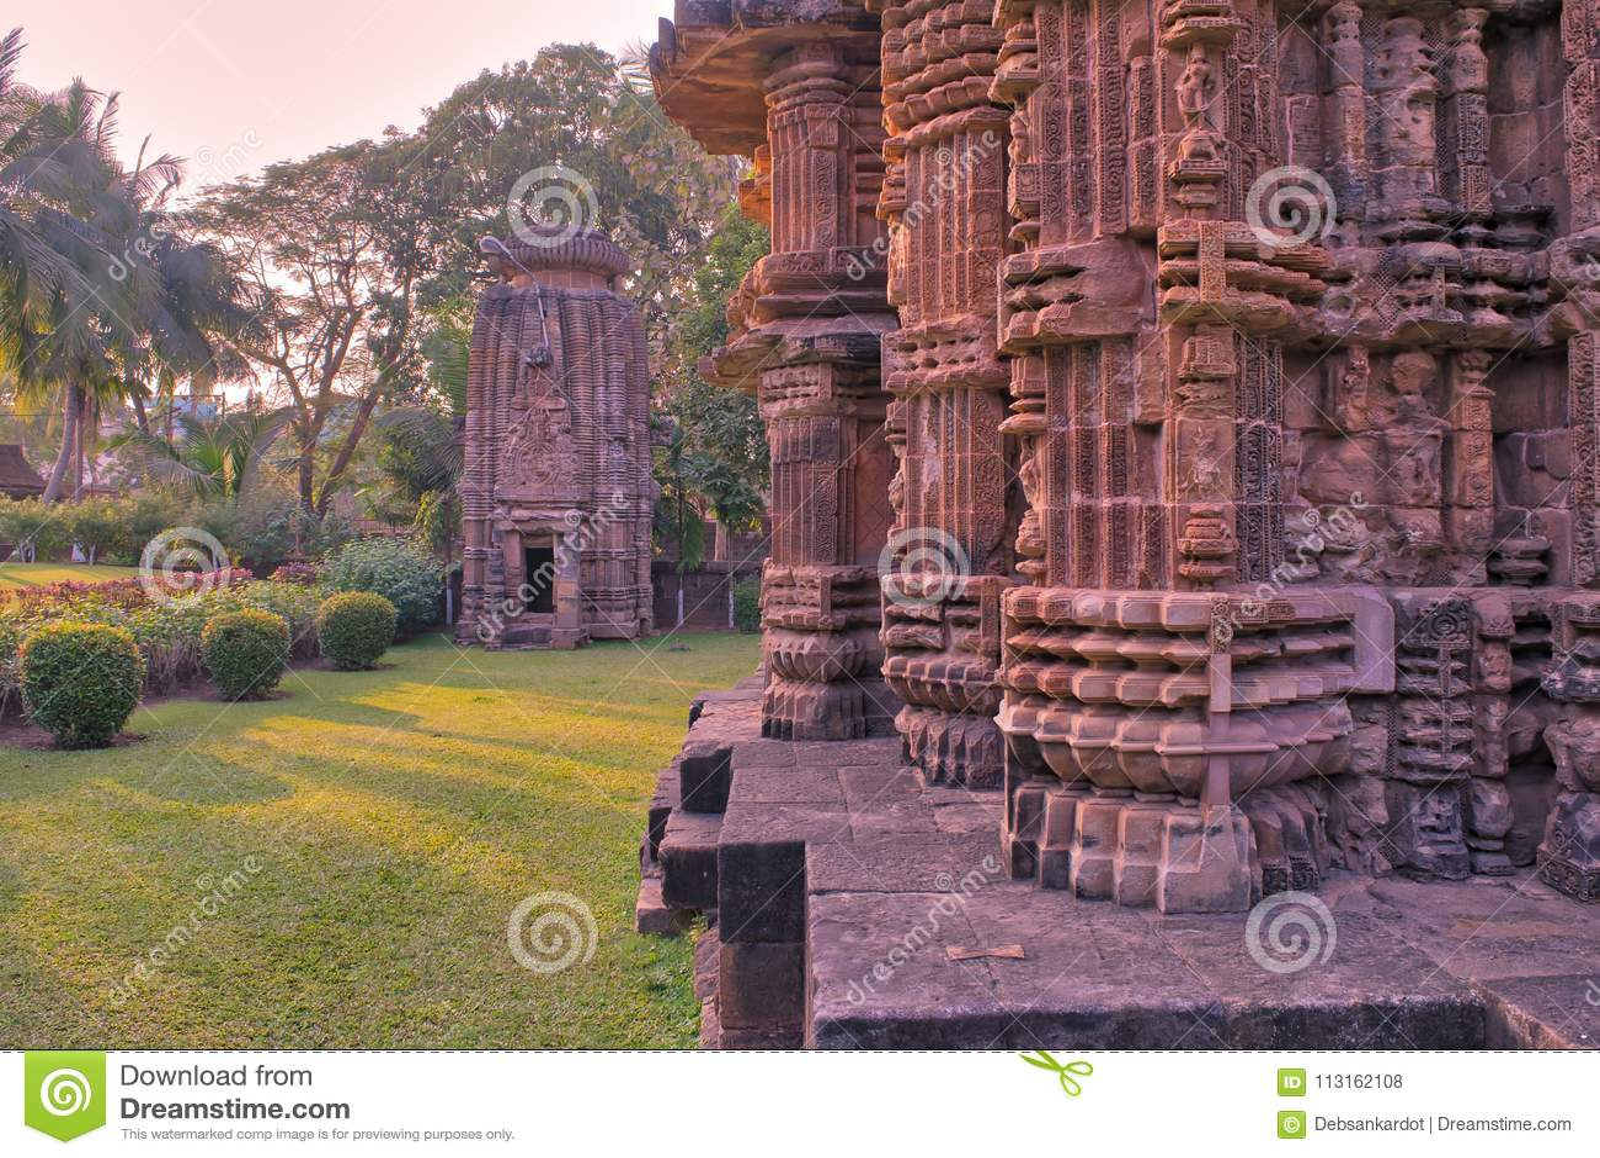 Chitrakarini Temple Bhubaneswar Odisha India Hindu religion